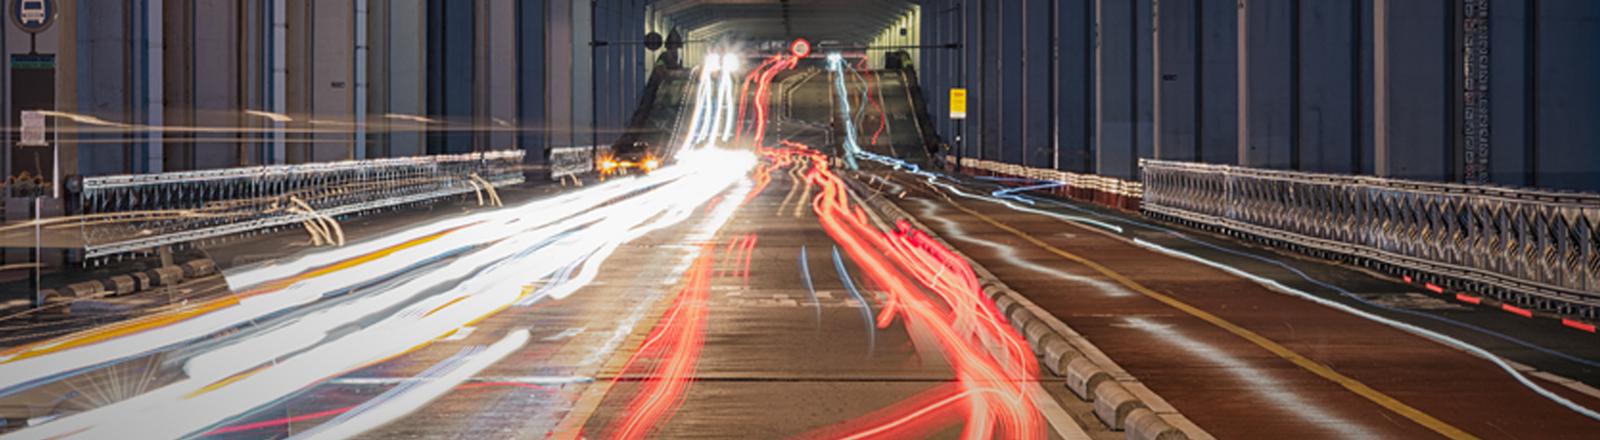 Ein Straßentunnel bei Nacht